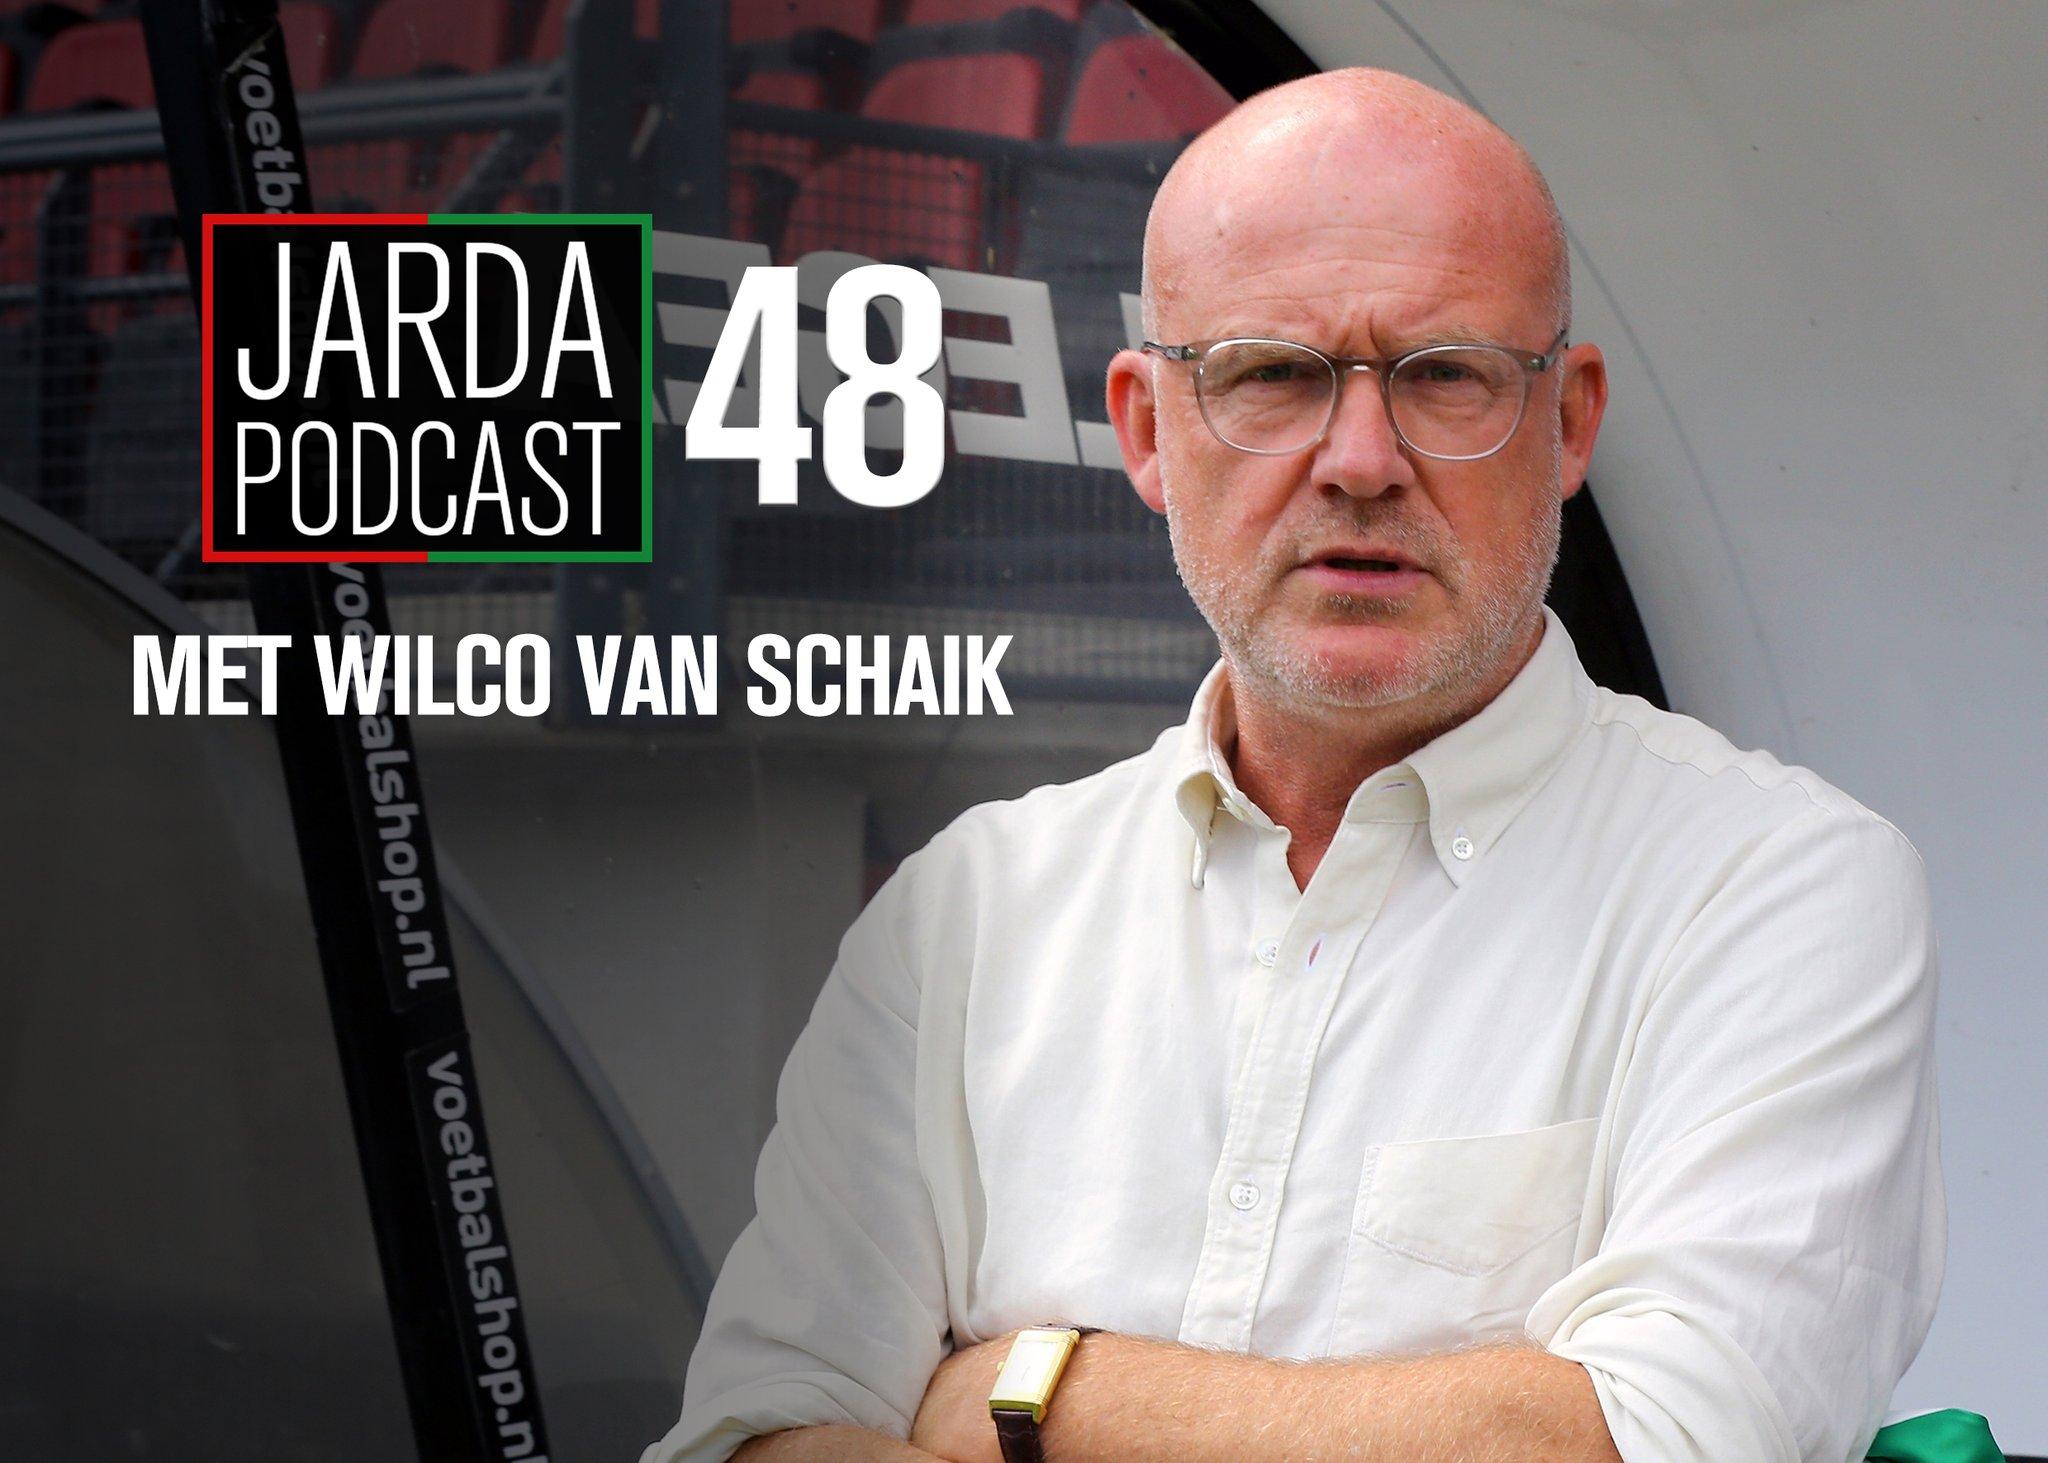 Jarda Podcast #48: Vooruitblik op het seizoen met Wilco van Schaik